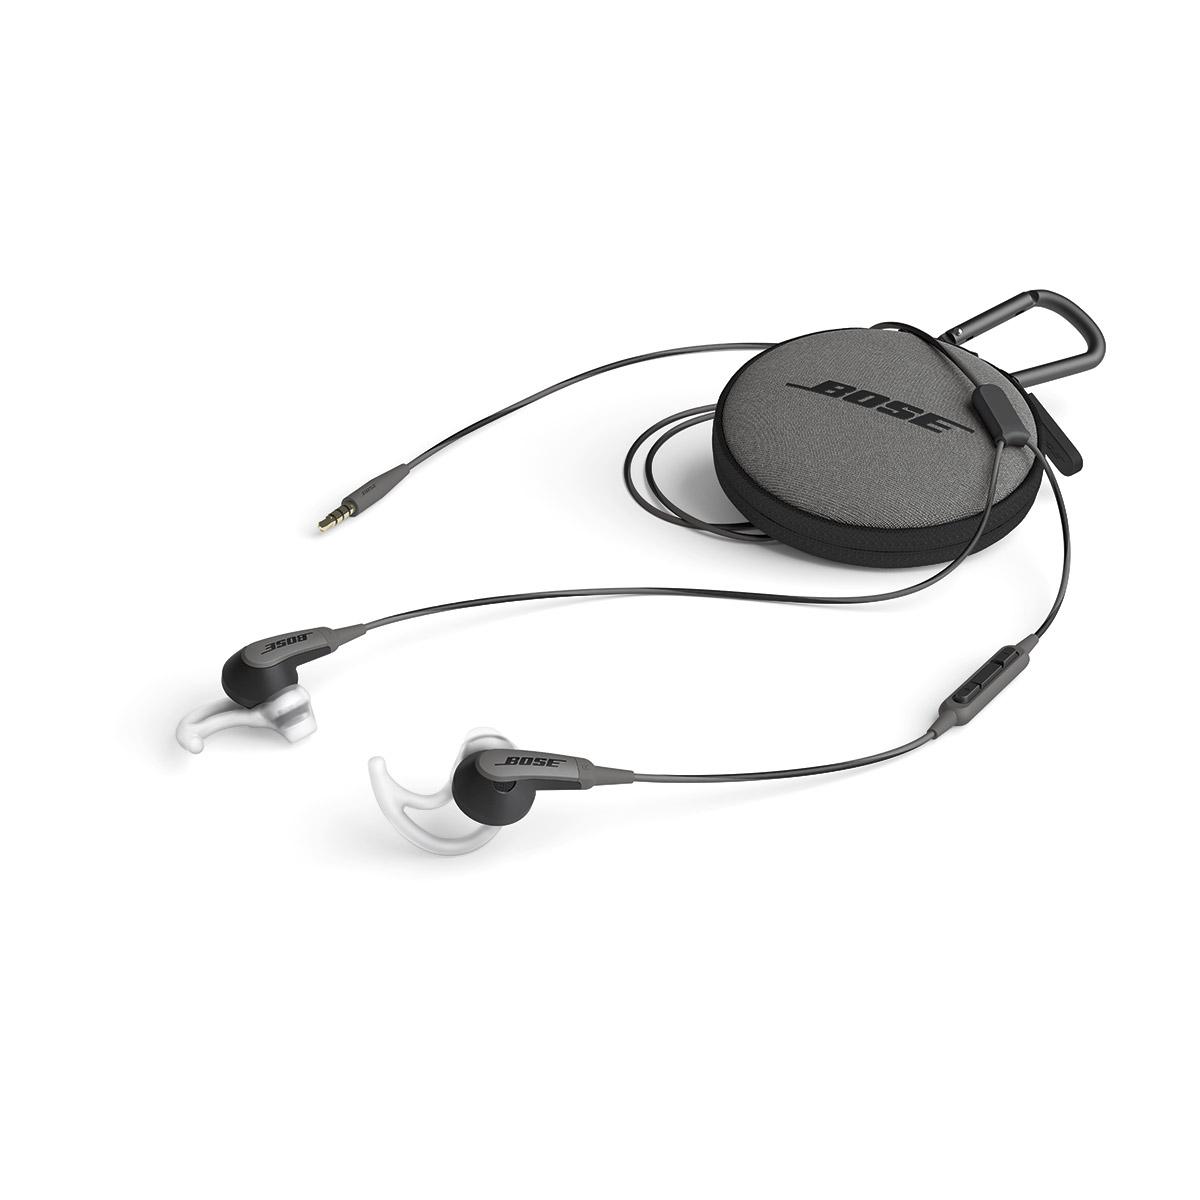 bose soundsport f r apple schwarz bose kopfh rer mit kabel bei hifiboehm plauen kaufen. Black Bedroom Furniture Sets. Home Design Ideas